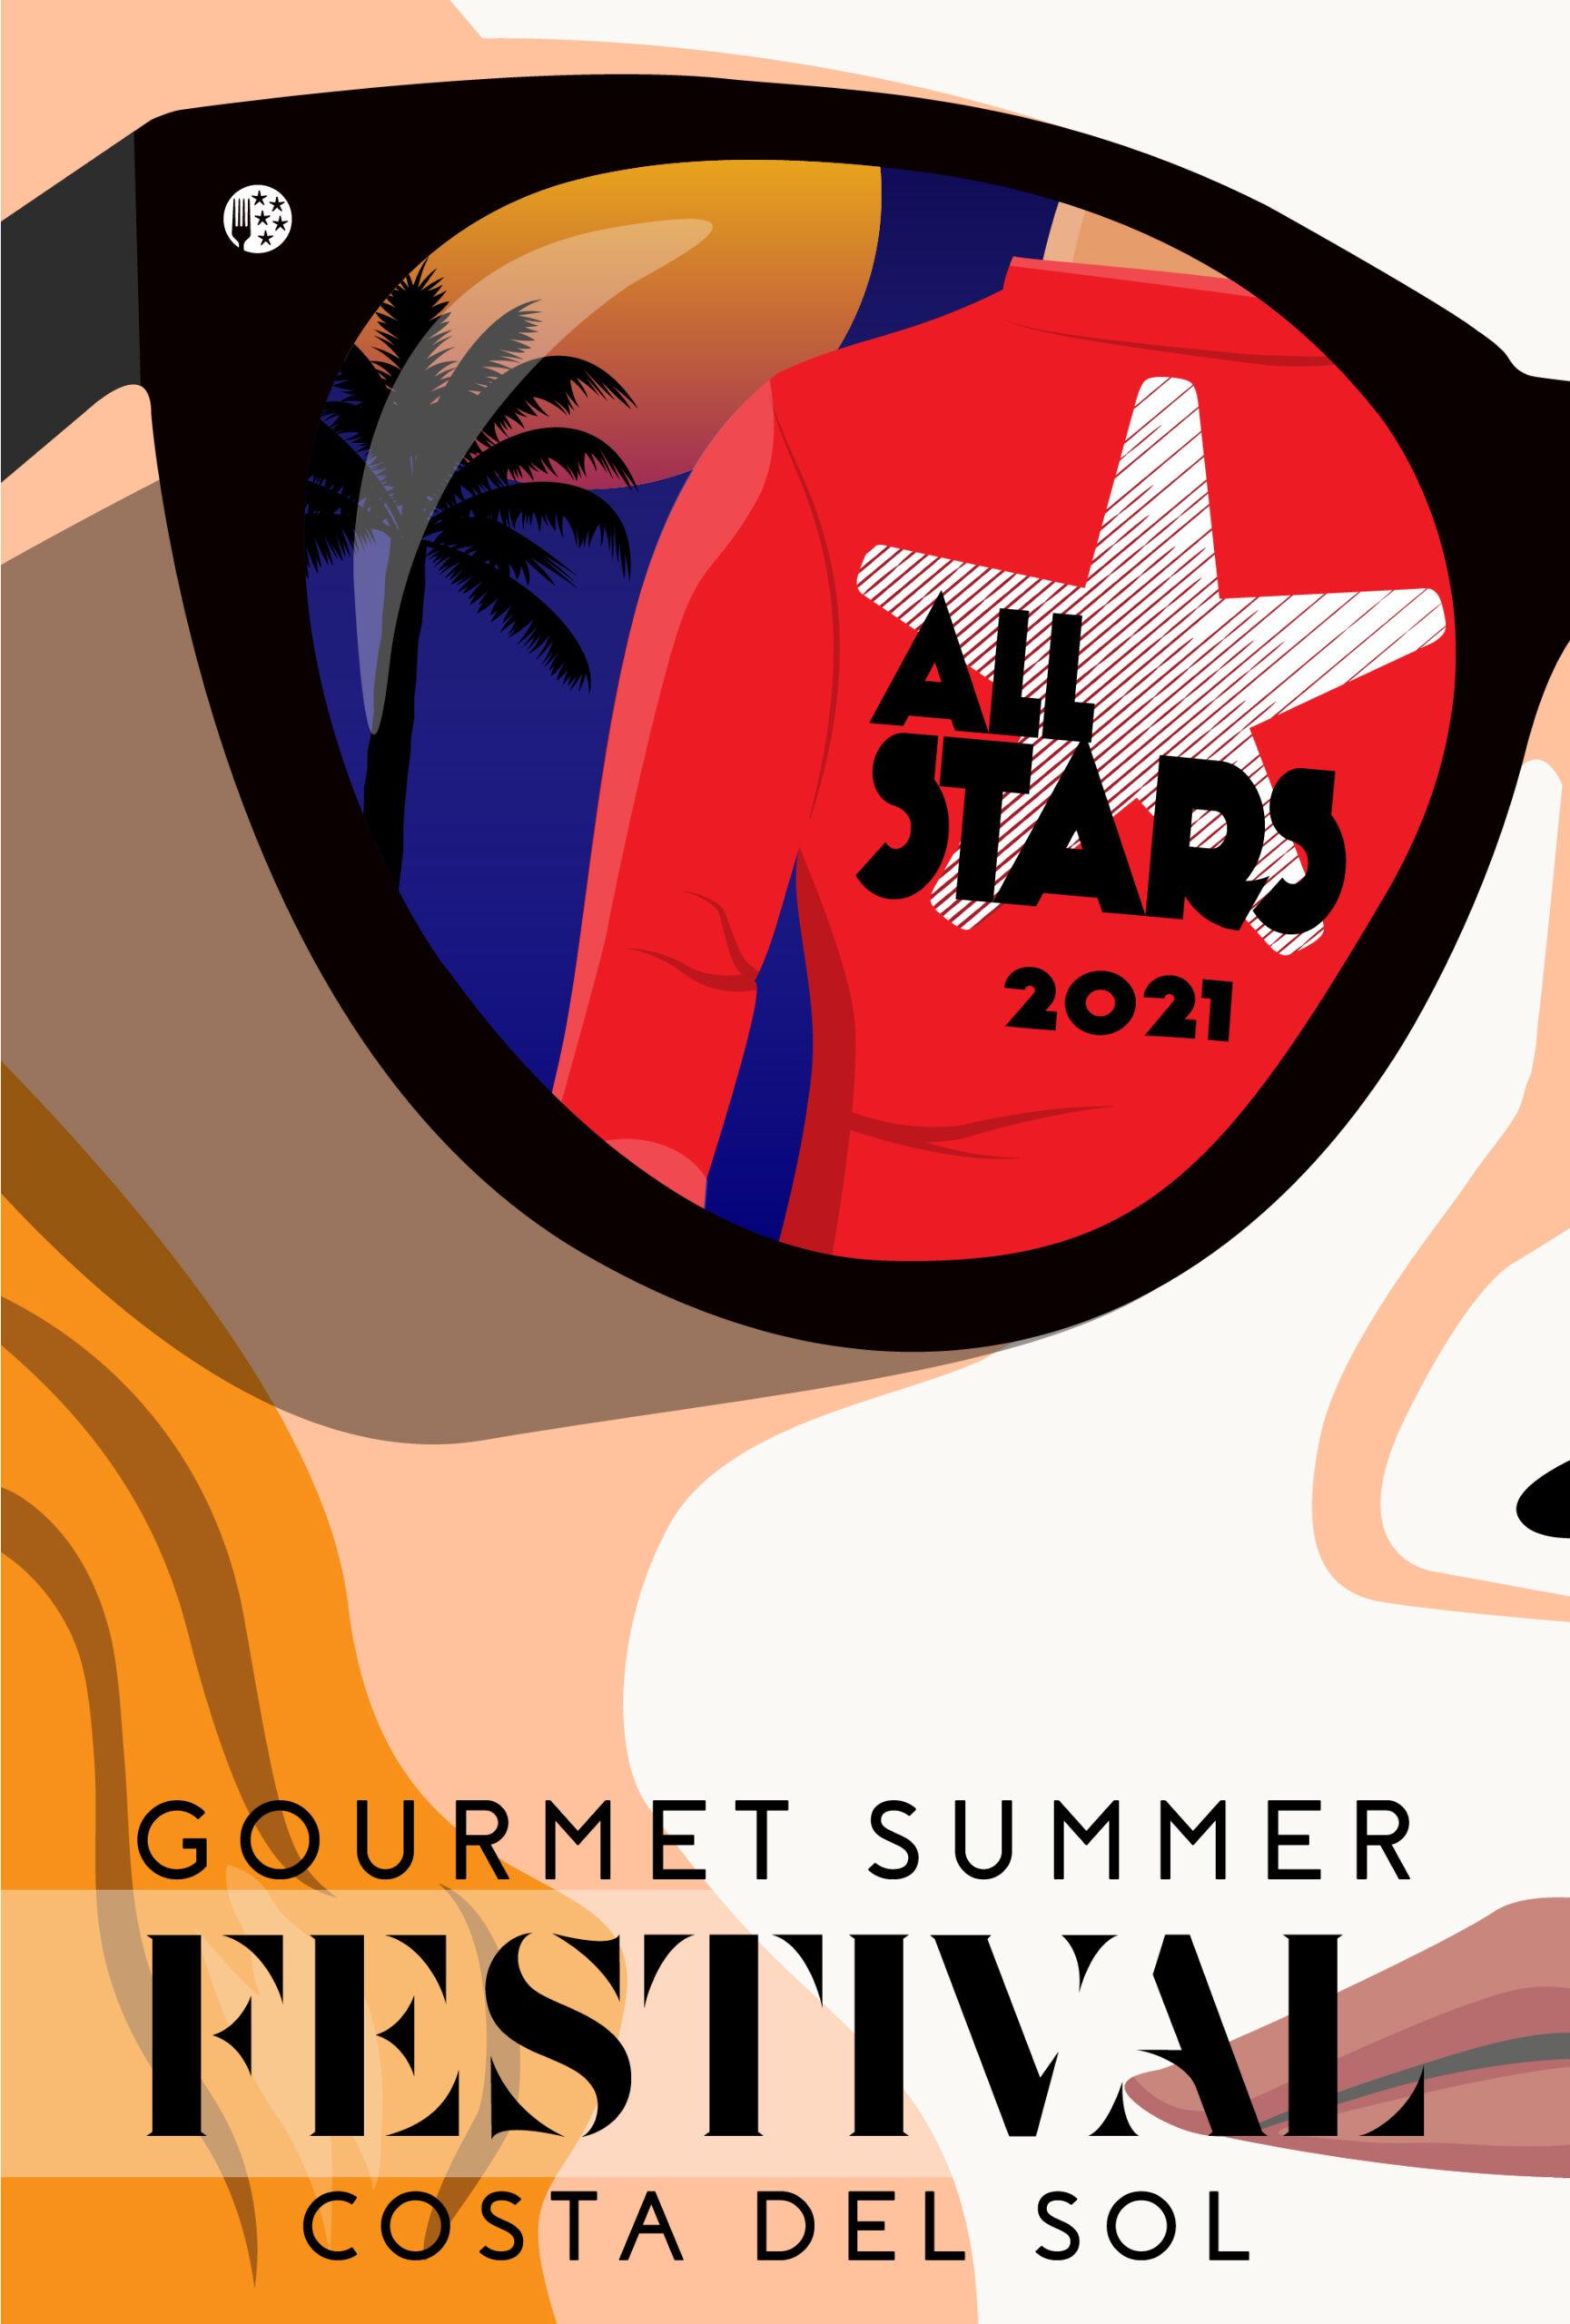 Llega All Stars 2021 Gourmet Summer Festival